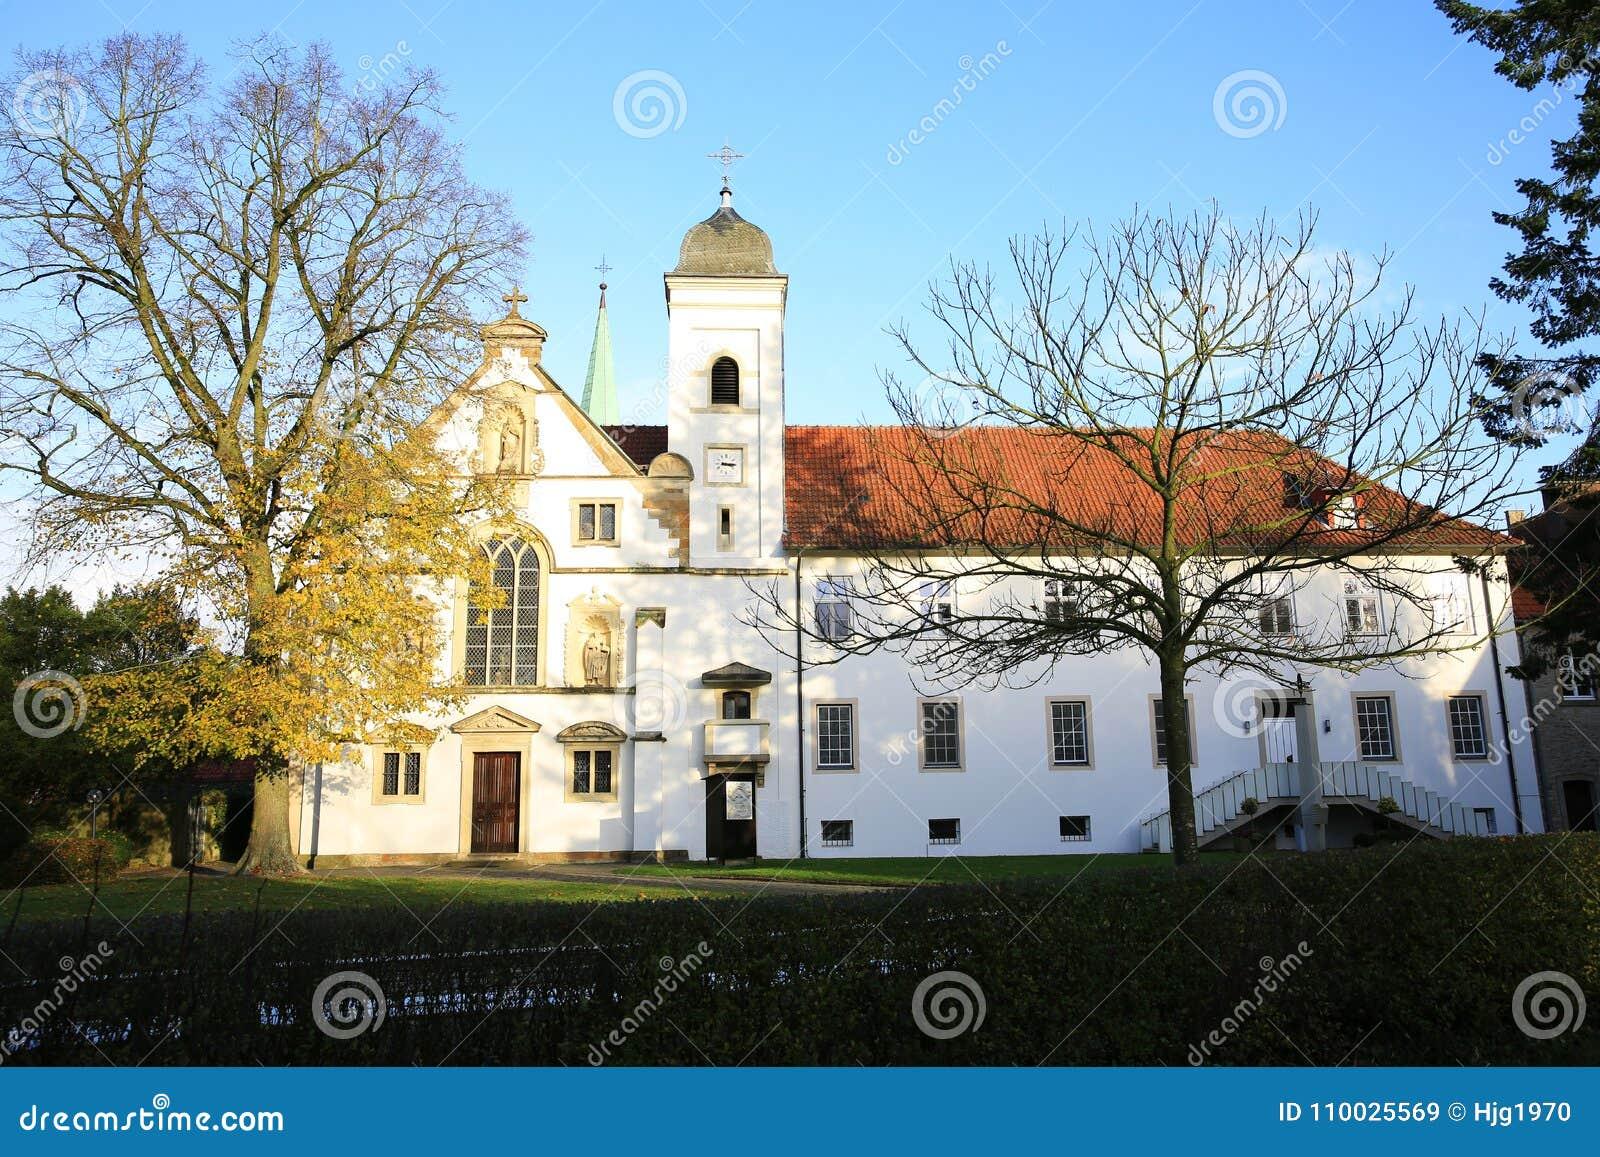 Historische Vinnenberg Monastry dichtbij Warendorf, Noordrijn-Westfalen, Duitsland